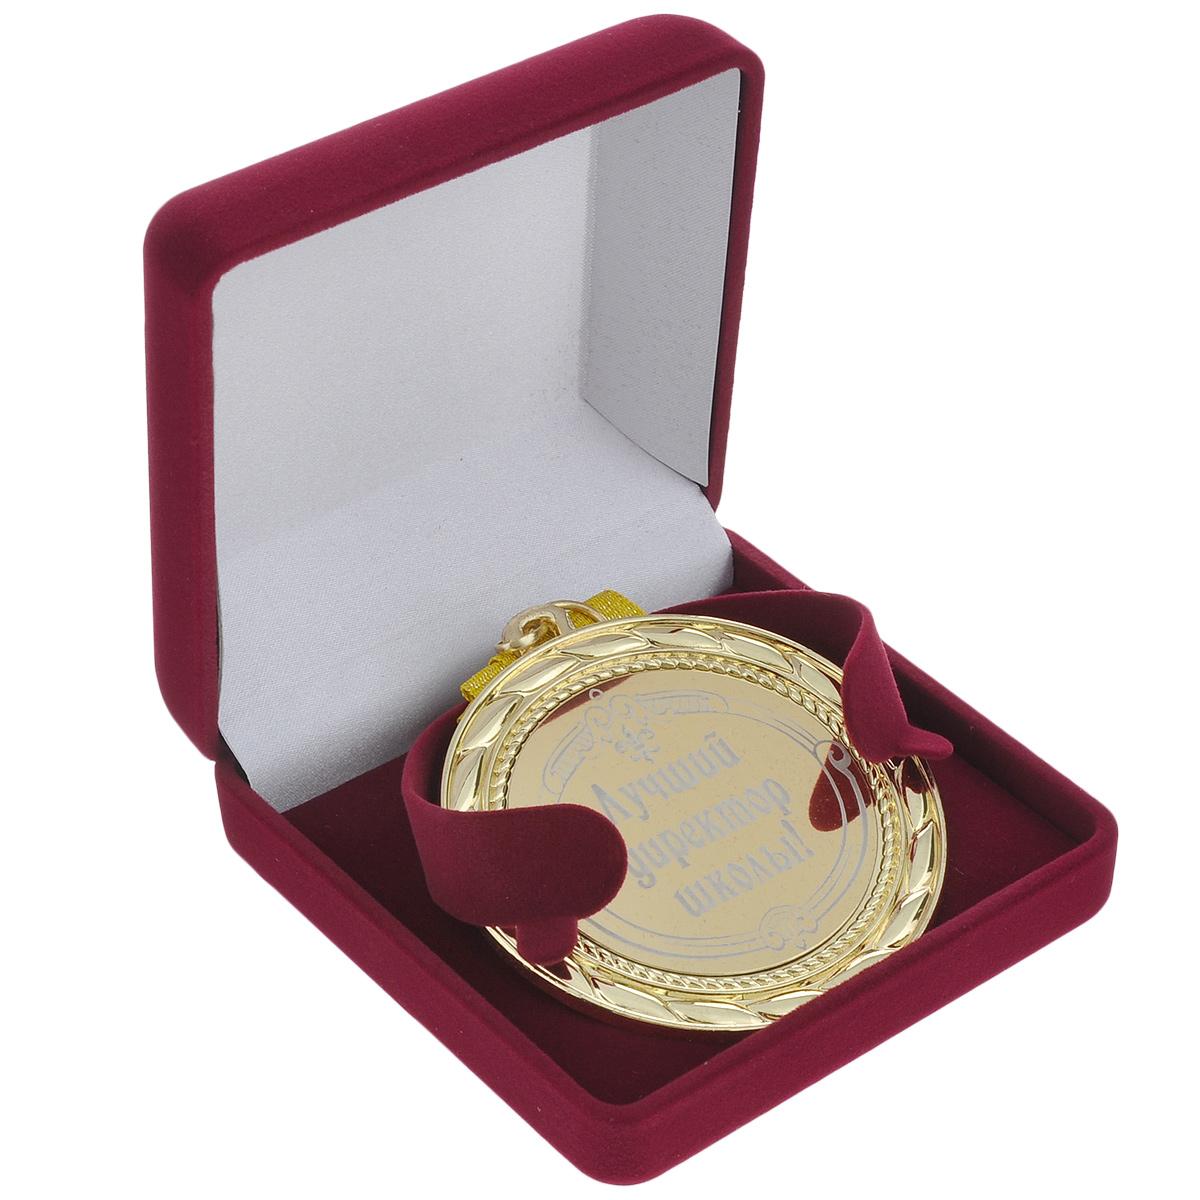 Медаль сувенирная Лучший директор школы18 828Сувенирная медаль, выполненная из металла золотистого цвета и оформленная надписью Лучший директор школы, станет оригинальным и неожиданным подарком для каждого. К медали крепится золотистая лента. Такая медаль станет веселым памятным подарком и принесет массу положительных эмоций своему обладателю. Медаль упакована в подарочный футляр, обтянутый бархатистой тканью бордового цвета. Диаметр медали: 7 см. Толщина медали: 3 мм. Длина ленты: 37 см.